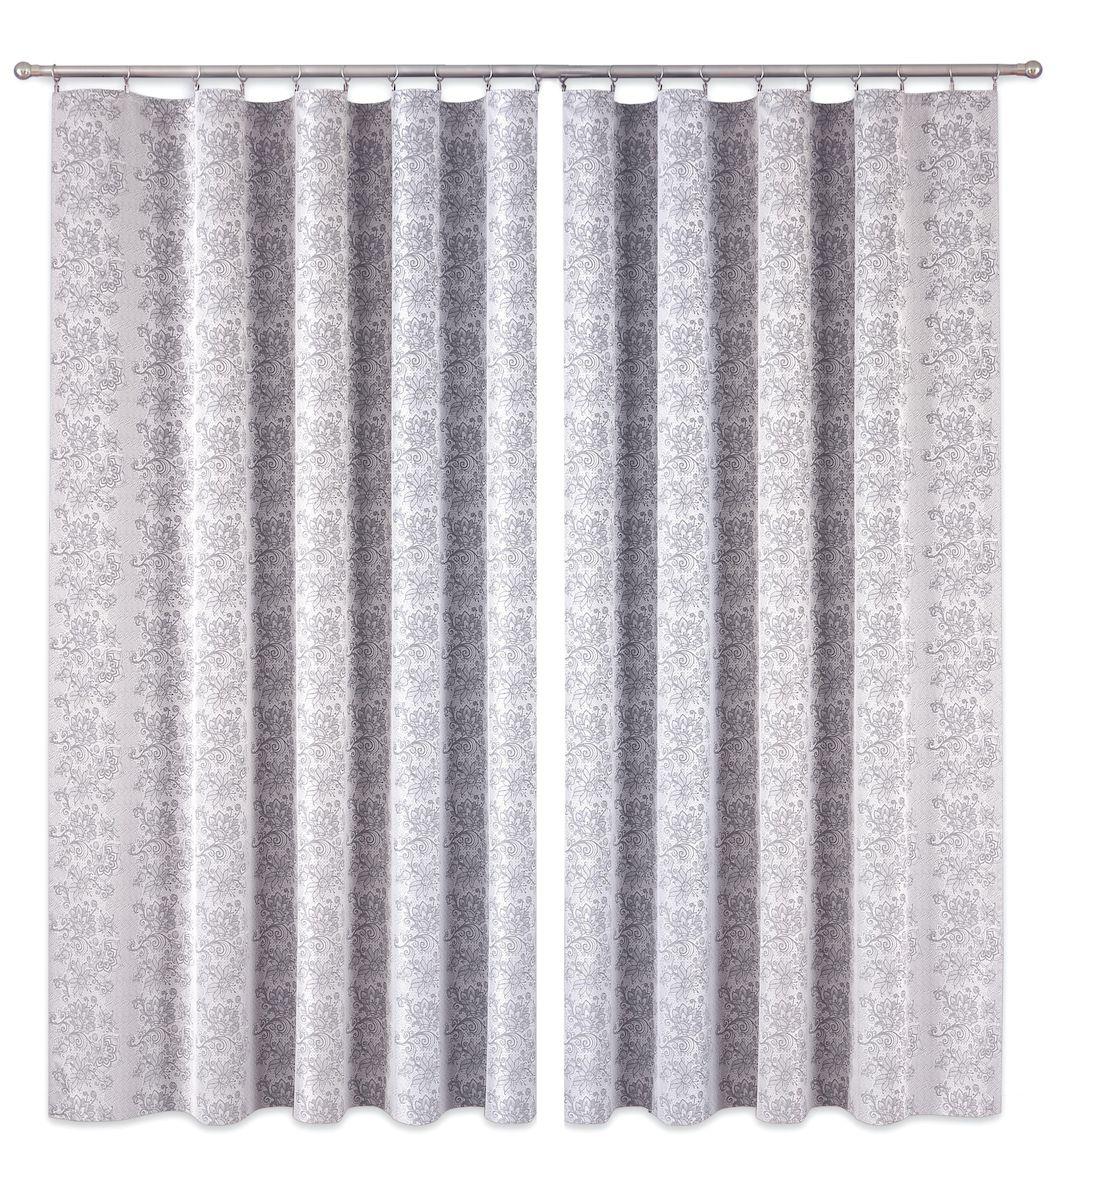 Комплект штор P Primavera Firany, цвет: серый, высота 250 см. 11100181110018Комплект шториз полиэстровой жаккардовой ткани с пришитой шторнойлентой. Размер - ширина 180 см высота 250см. Набор 2 штуки. Цвет серый.Размер: ширина 180 х высота 250